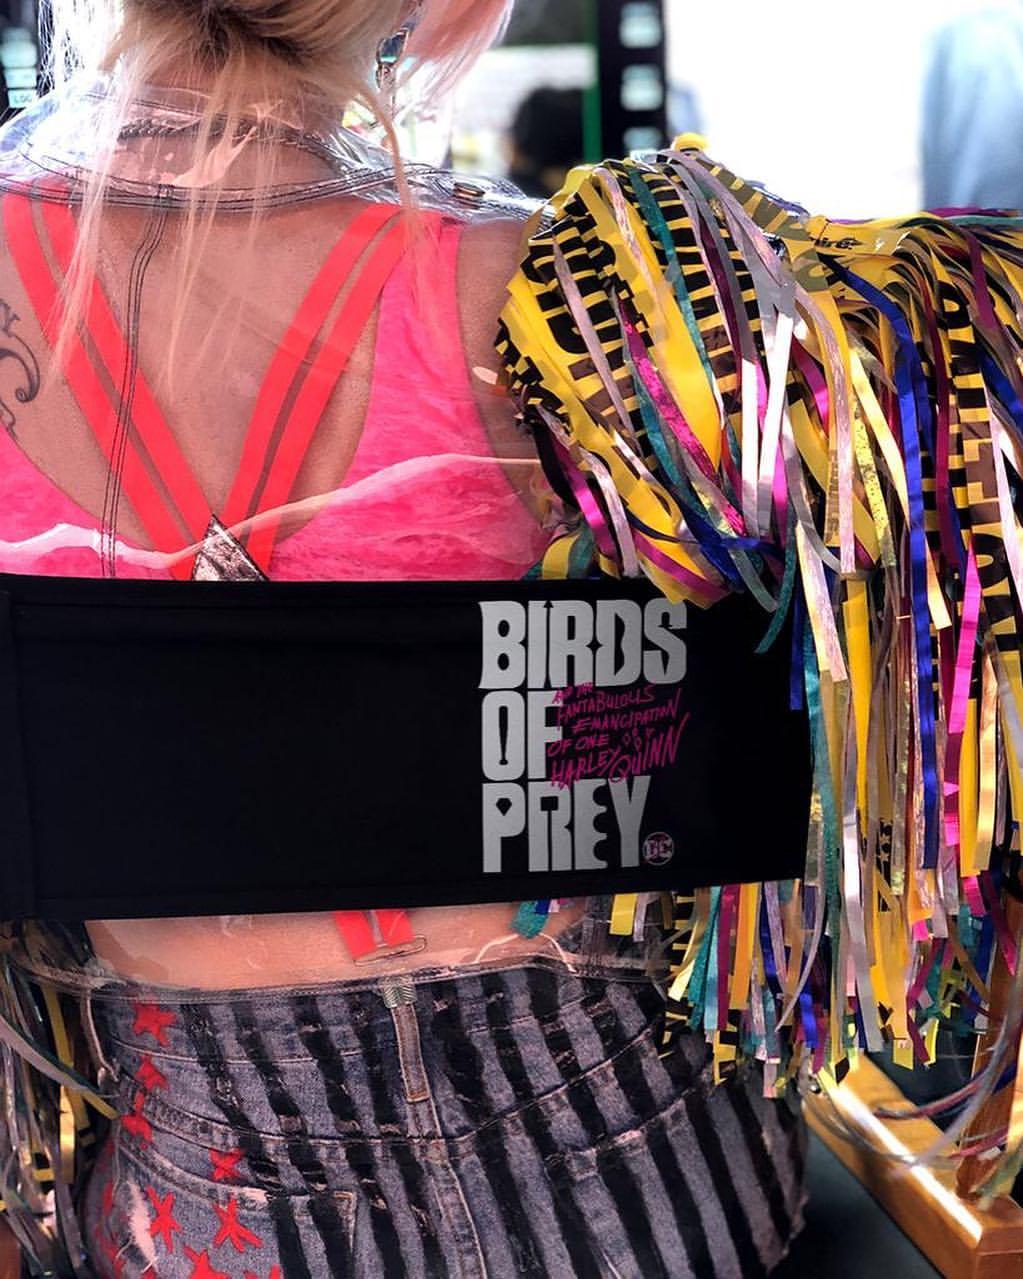 Margot Robbie como Harley Quinn en el set de Birds of Prey (2020). Imagen: Margot Robbie Instagram (@margotrobbie).